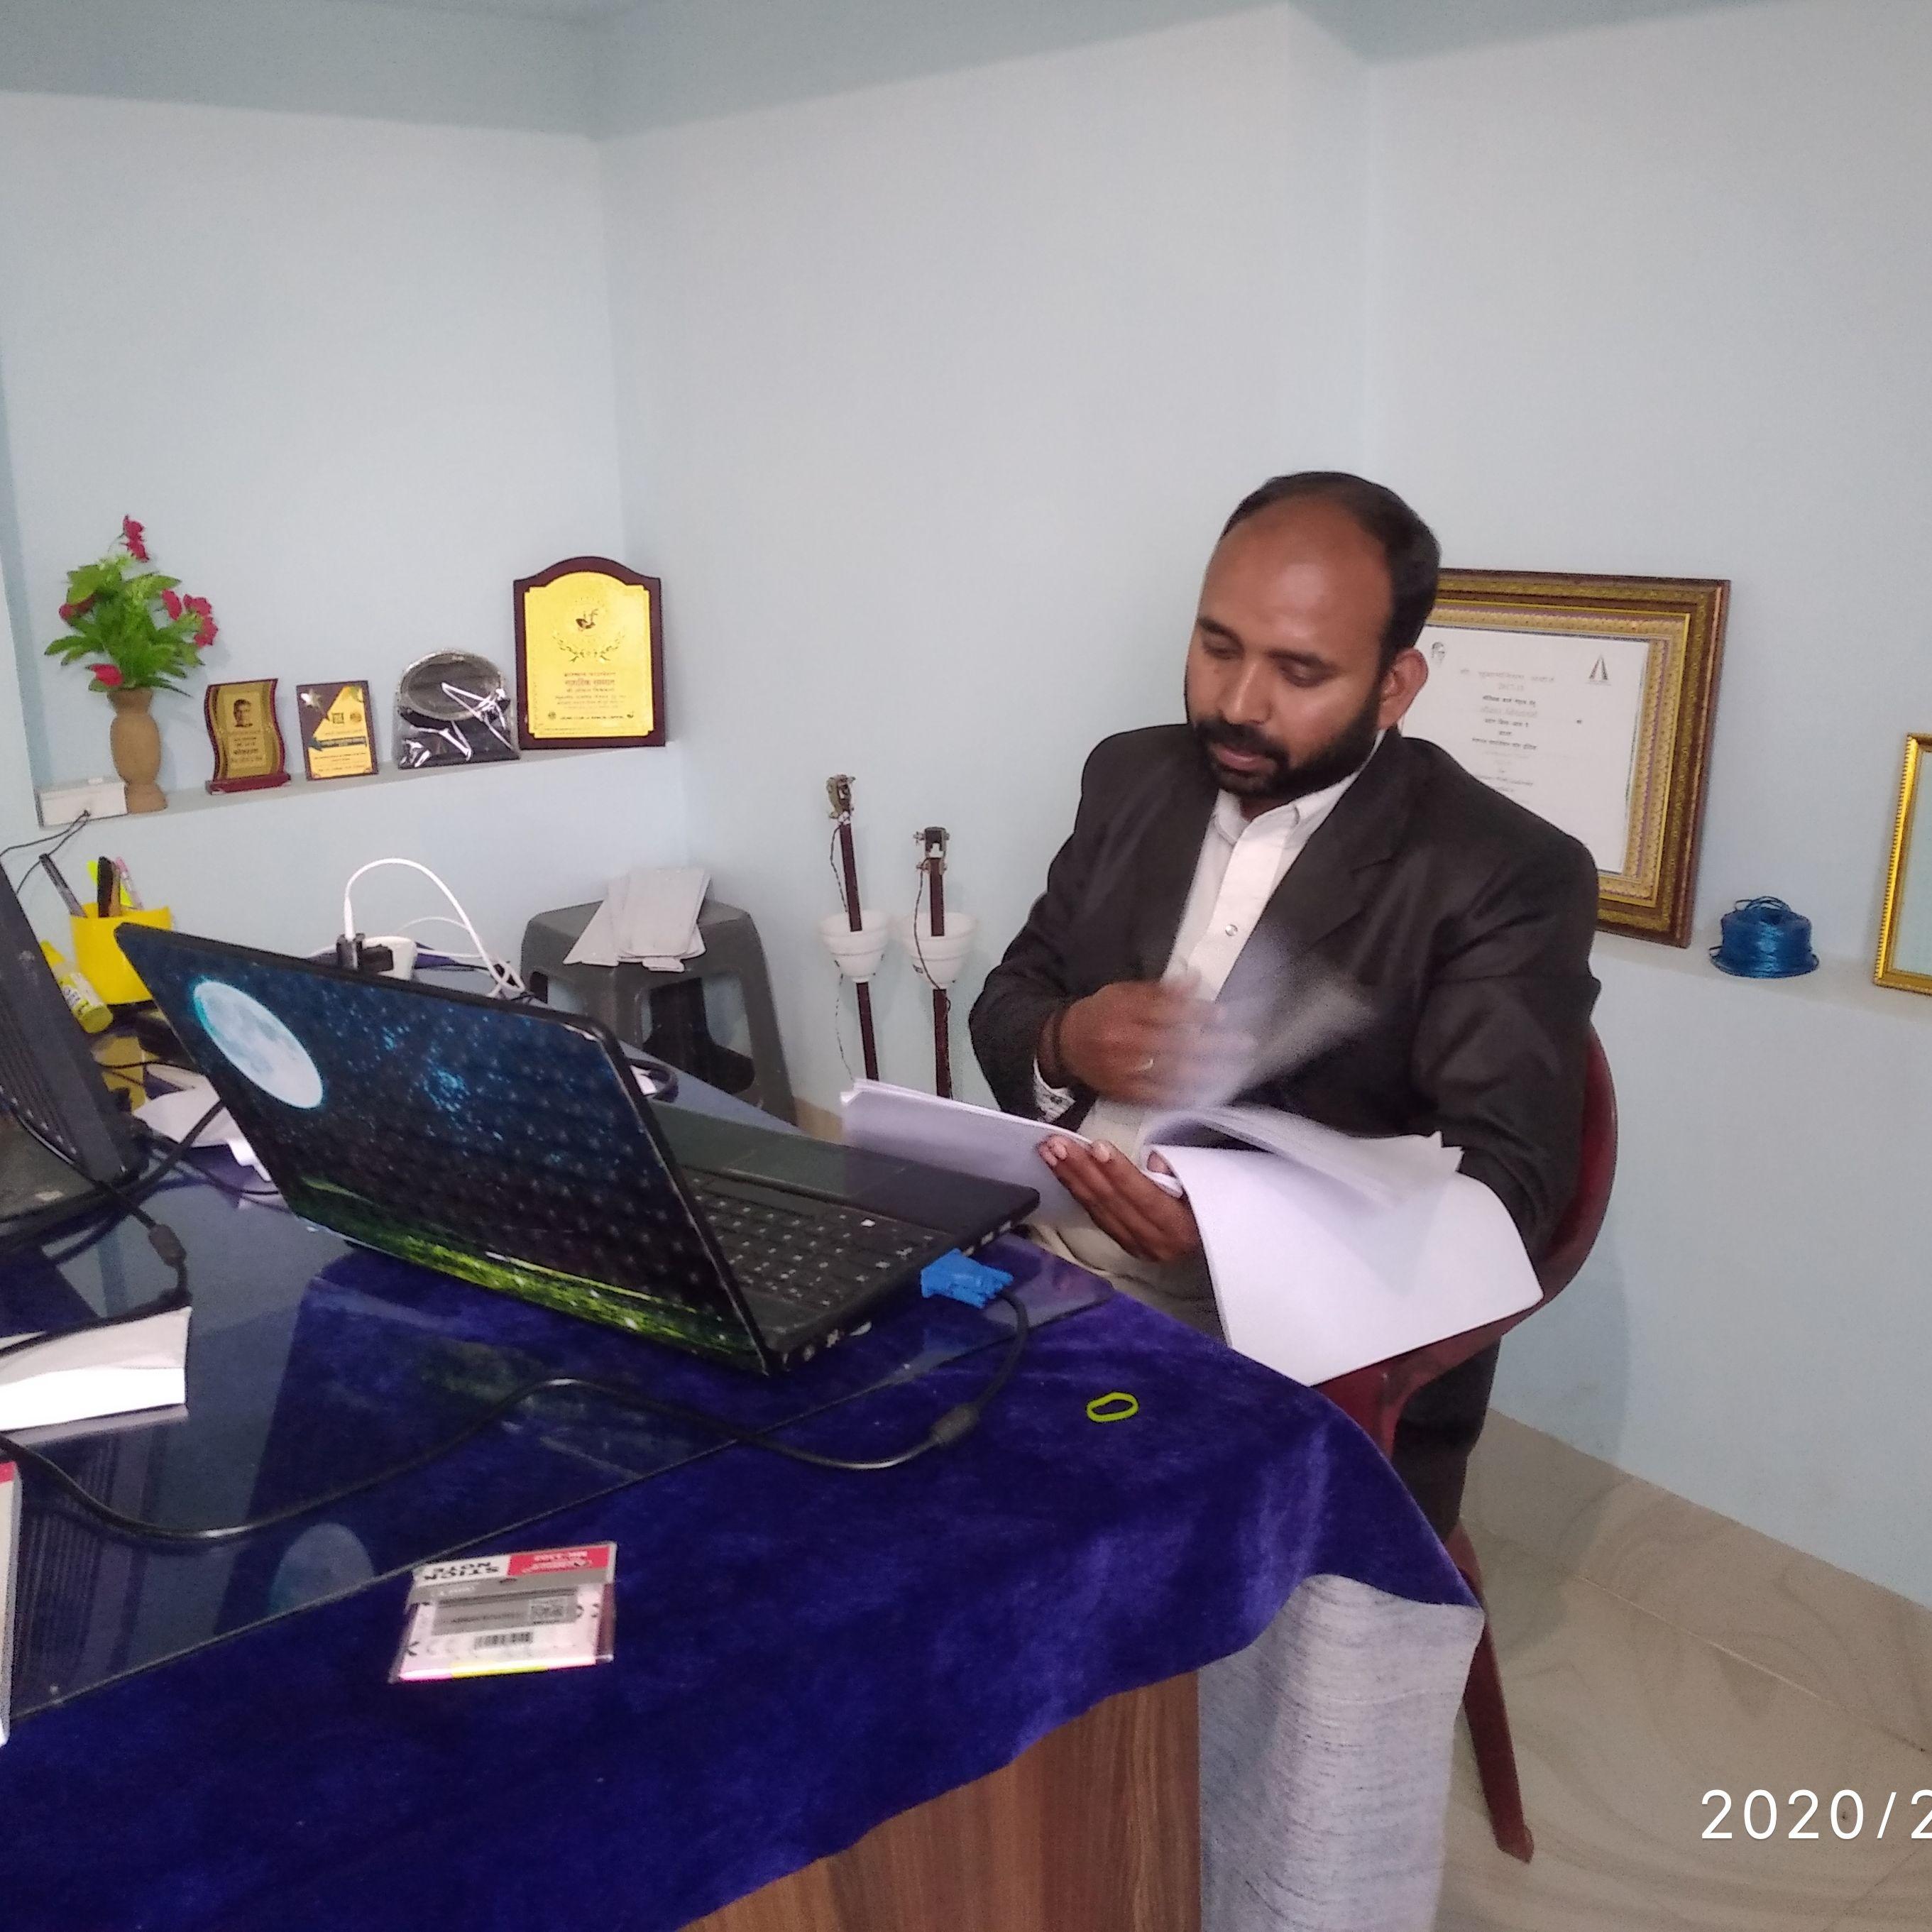 Omkar Vishwakarma